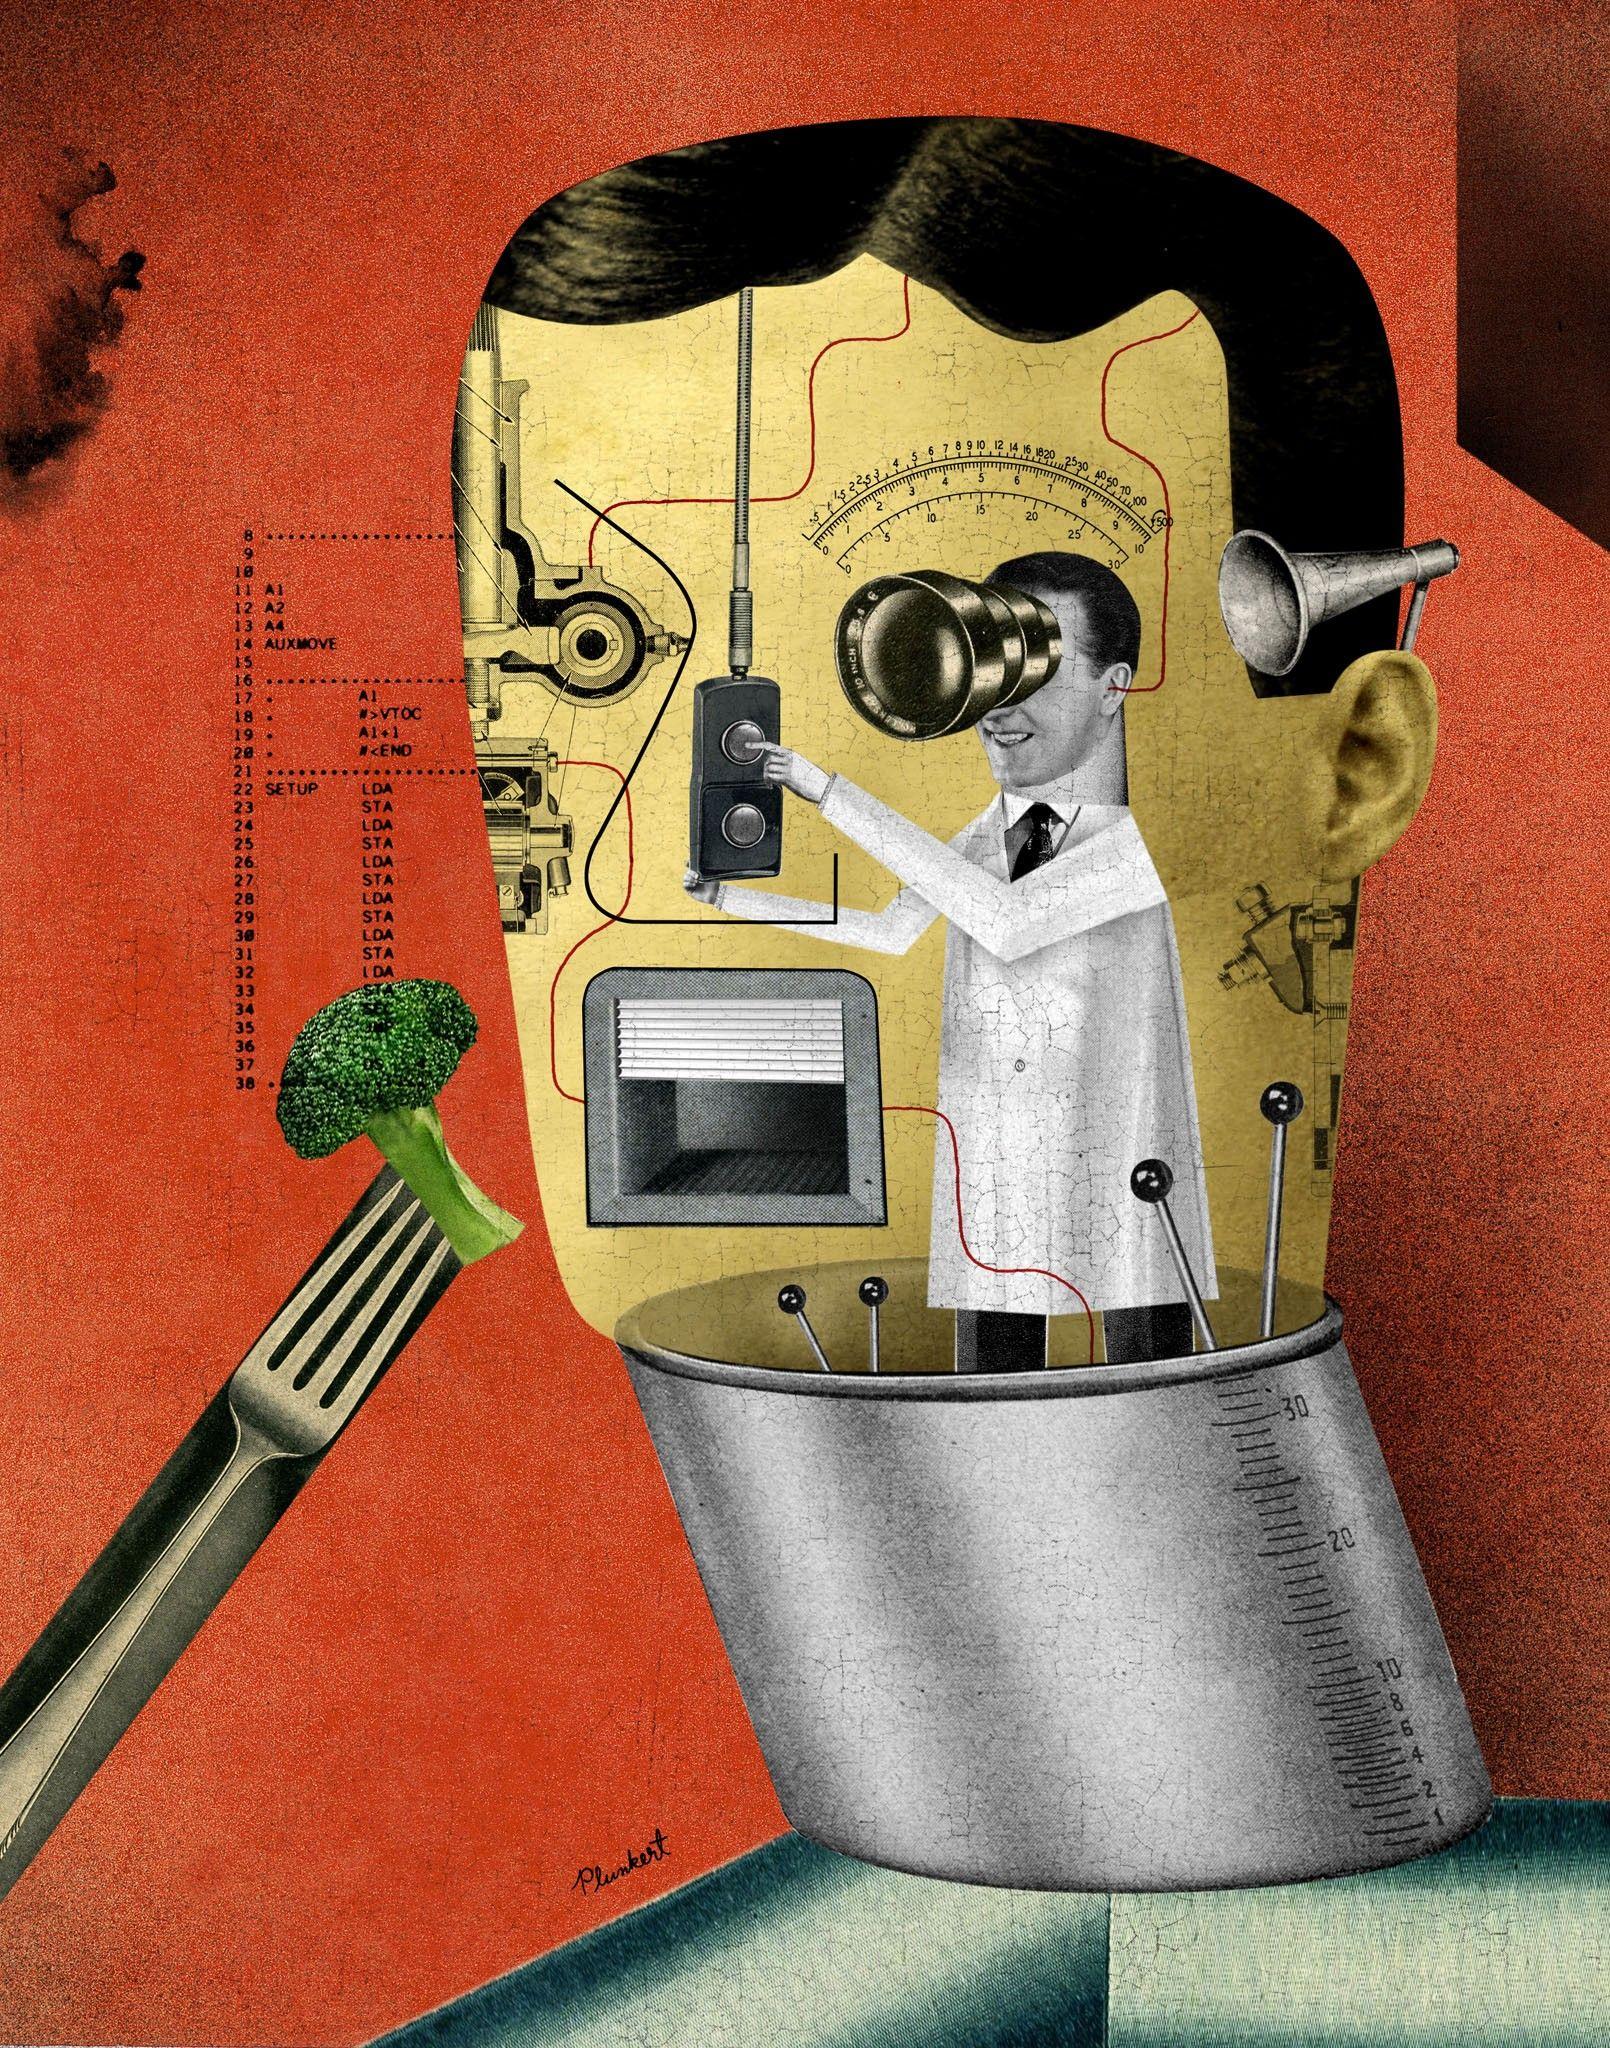 Epigenetik: Warum mögen wir, was wir mögen? | National Geographic